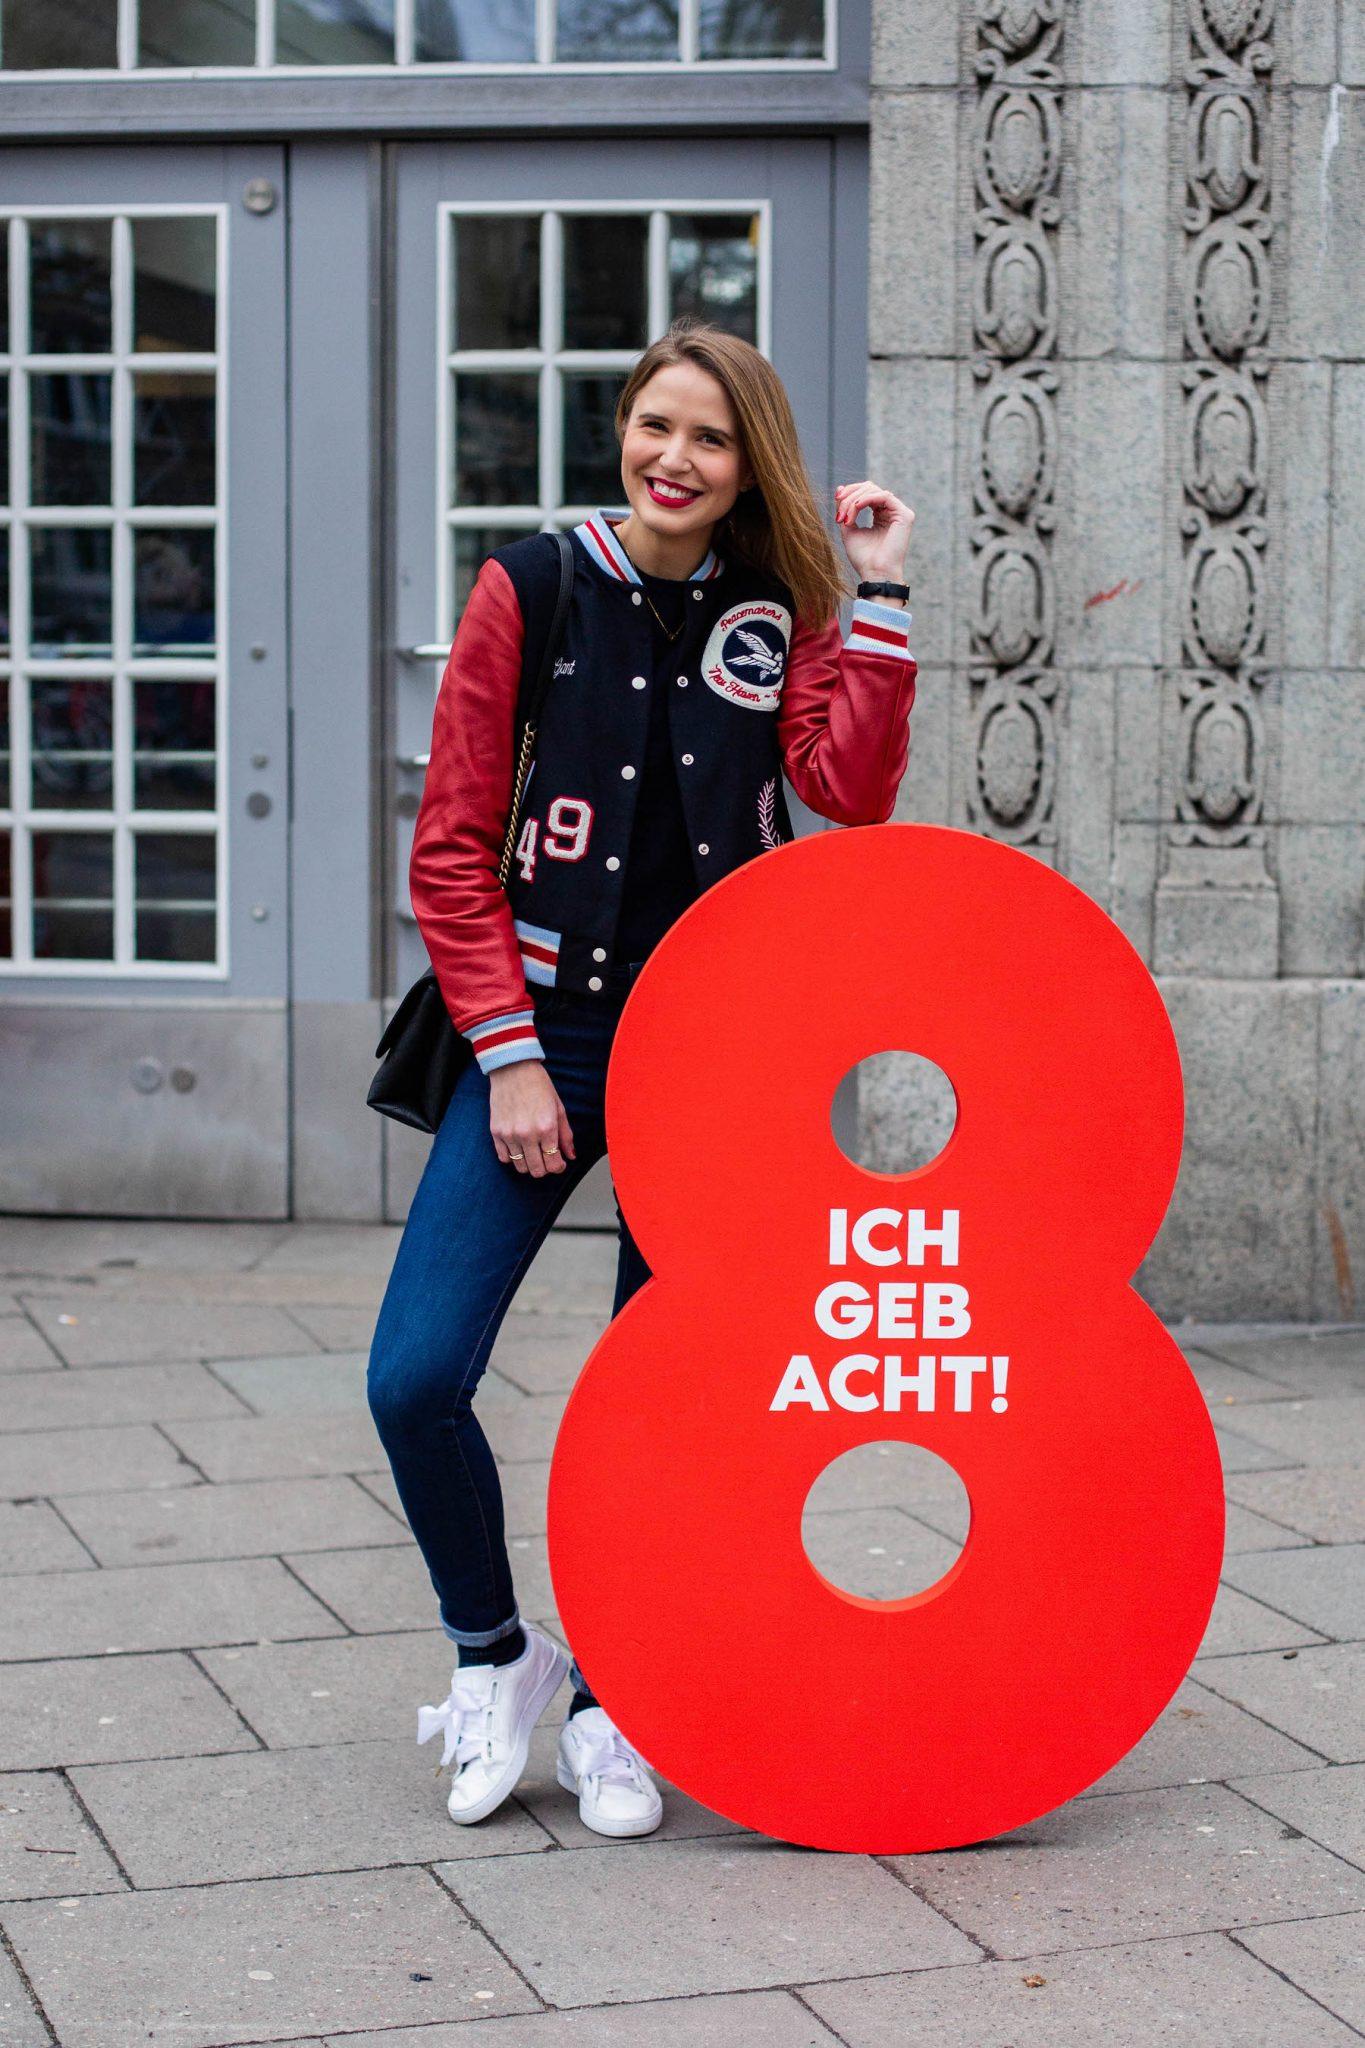 Hamburg gibt acht suelovesnyc_hamburg_liebe_weekly_update_Hamburg_gibt_acht_kampagne_strassenverkehr